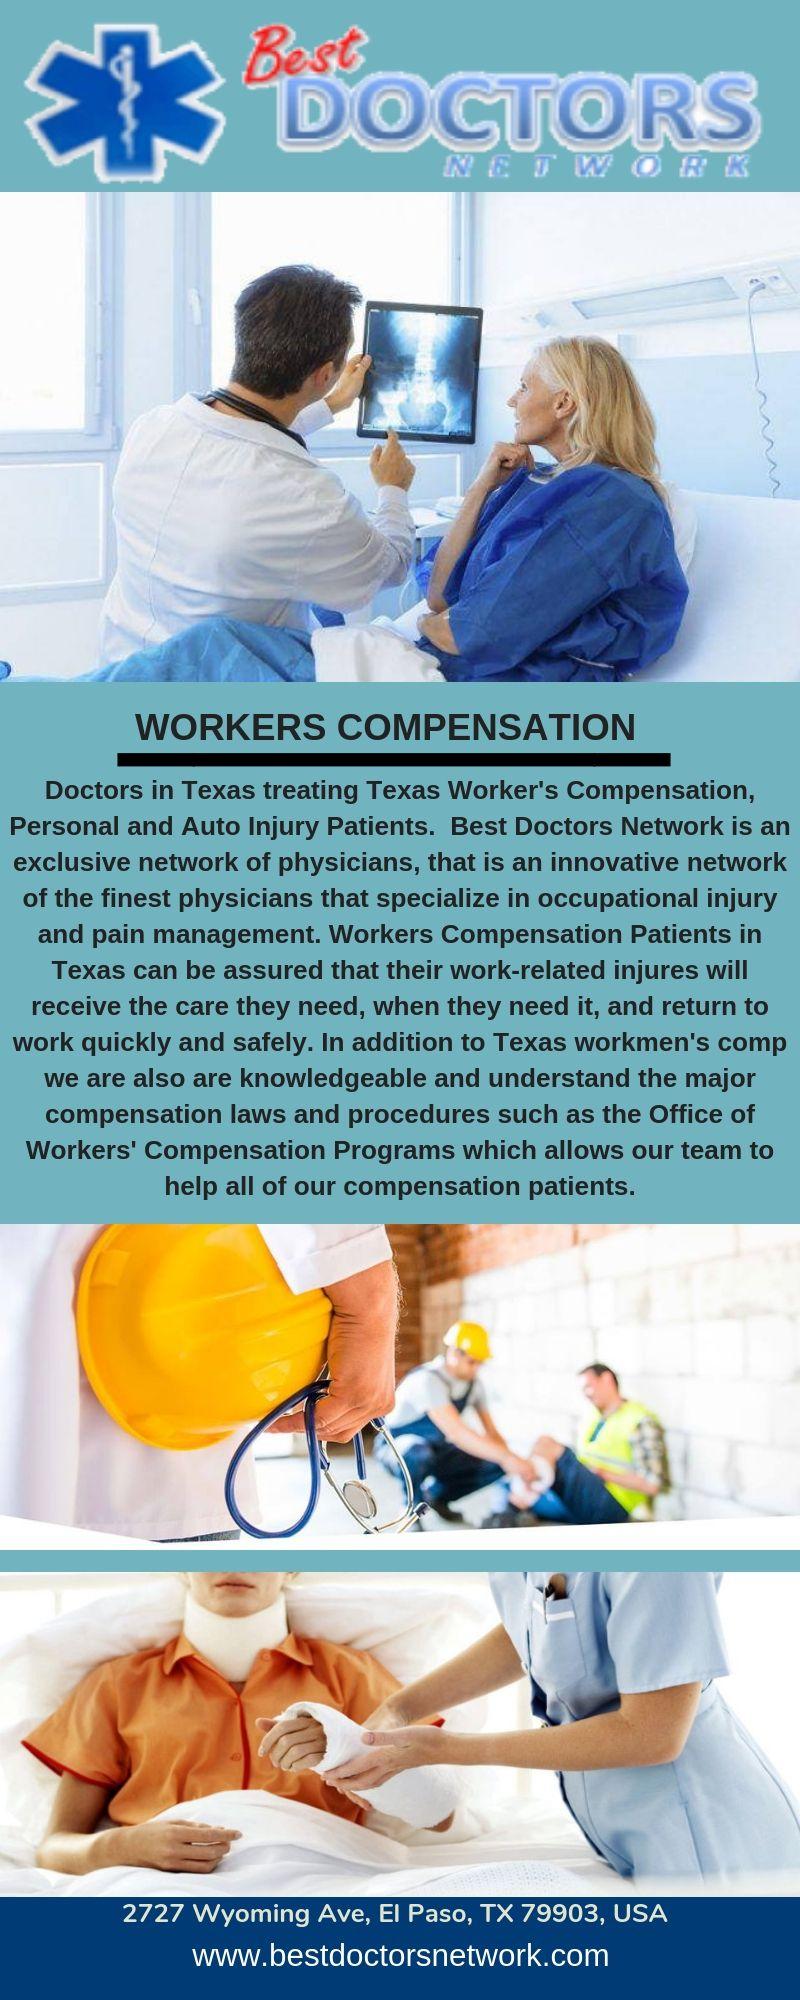 Workers Compensation Doctors El Paso Texas Best Doctors Work